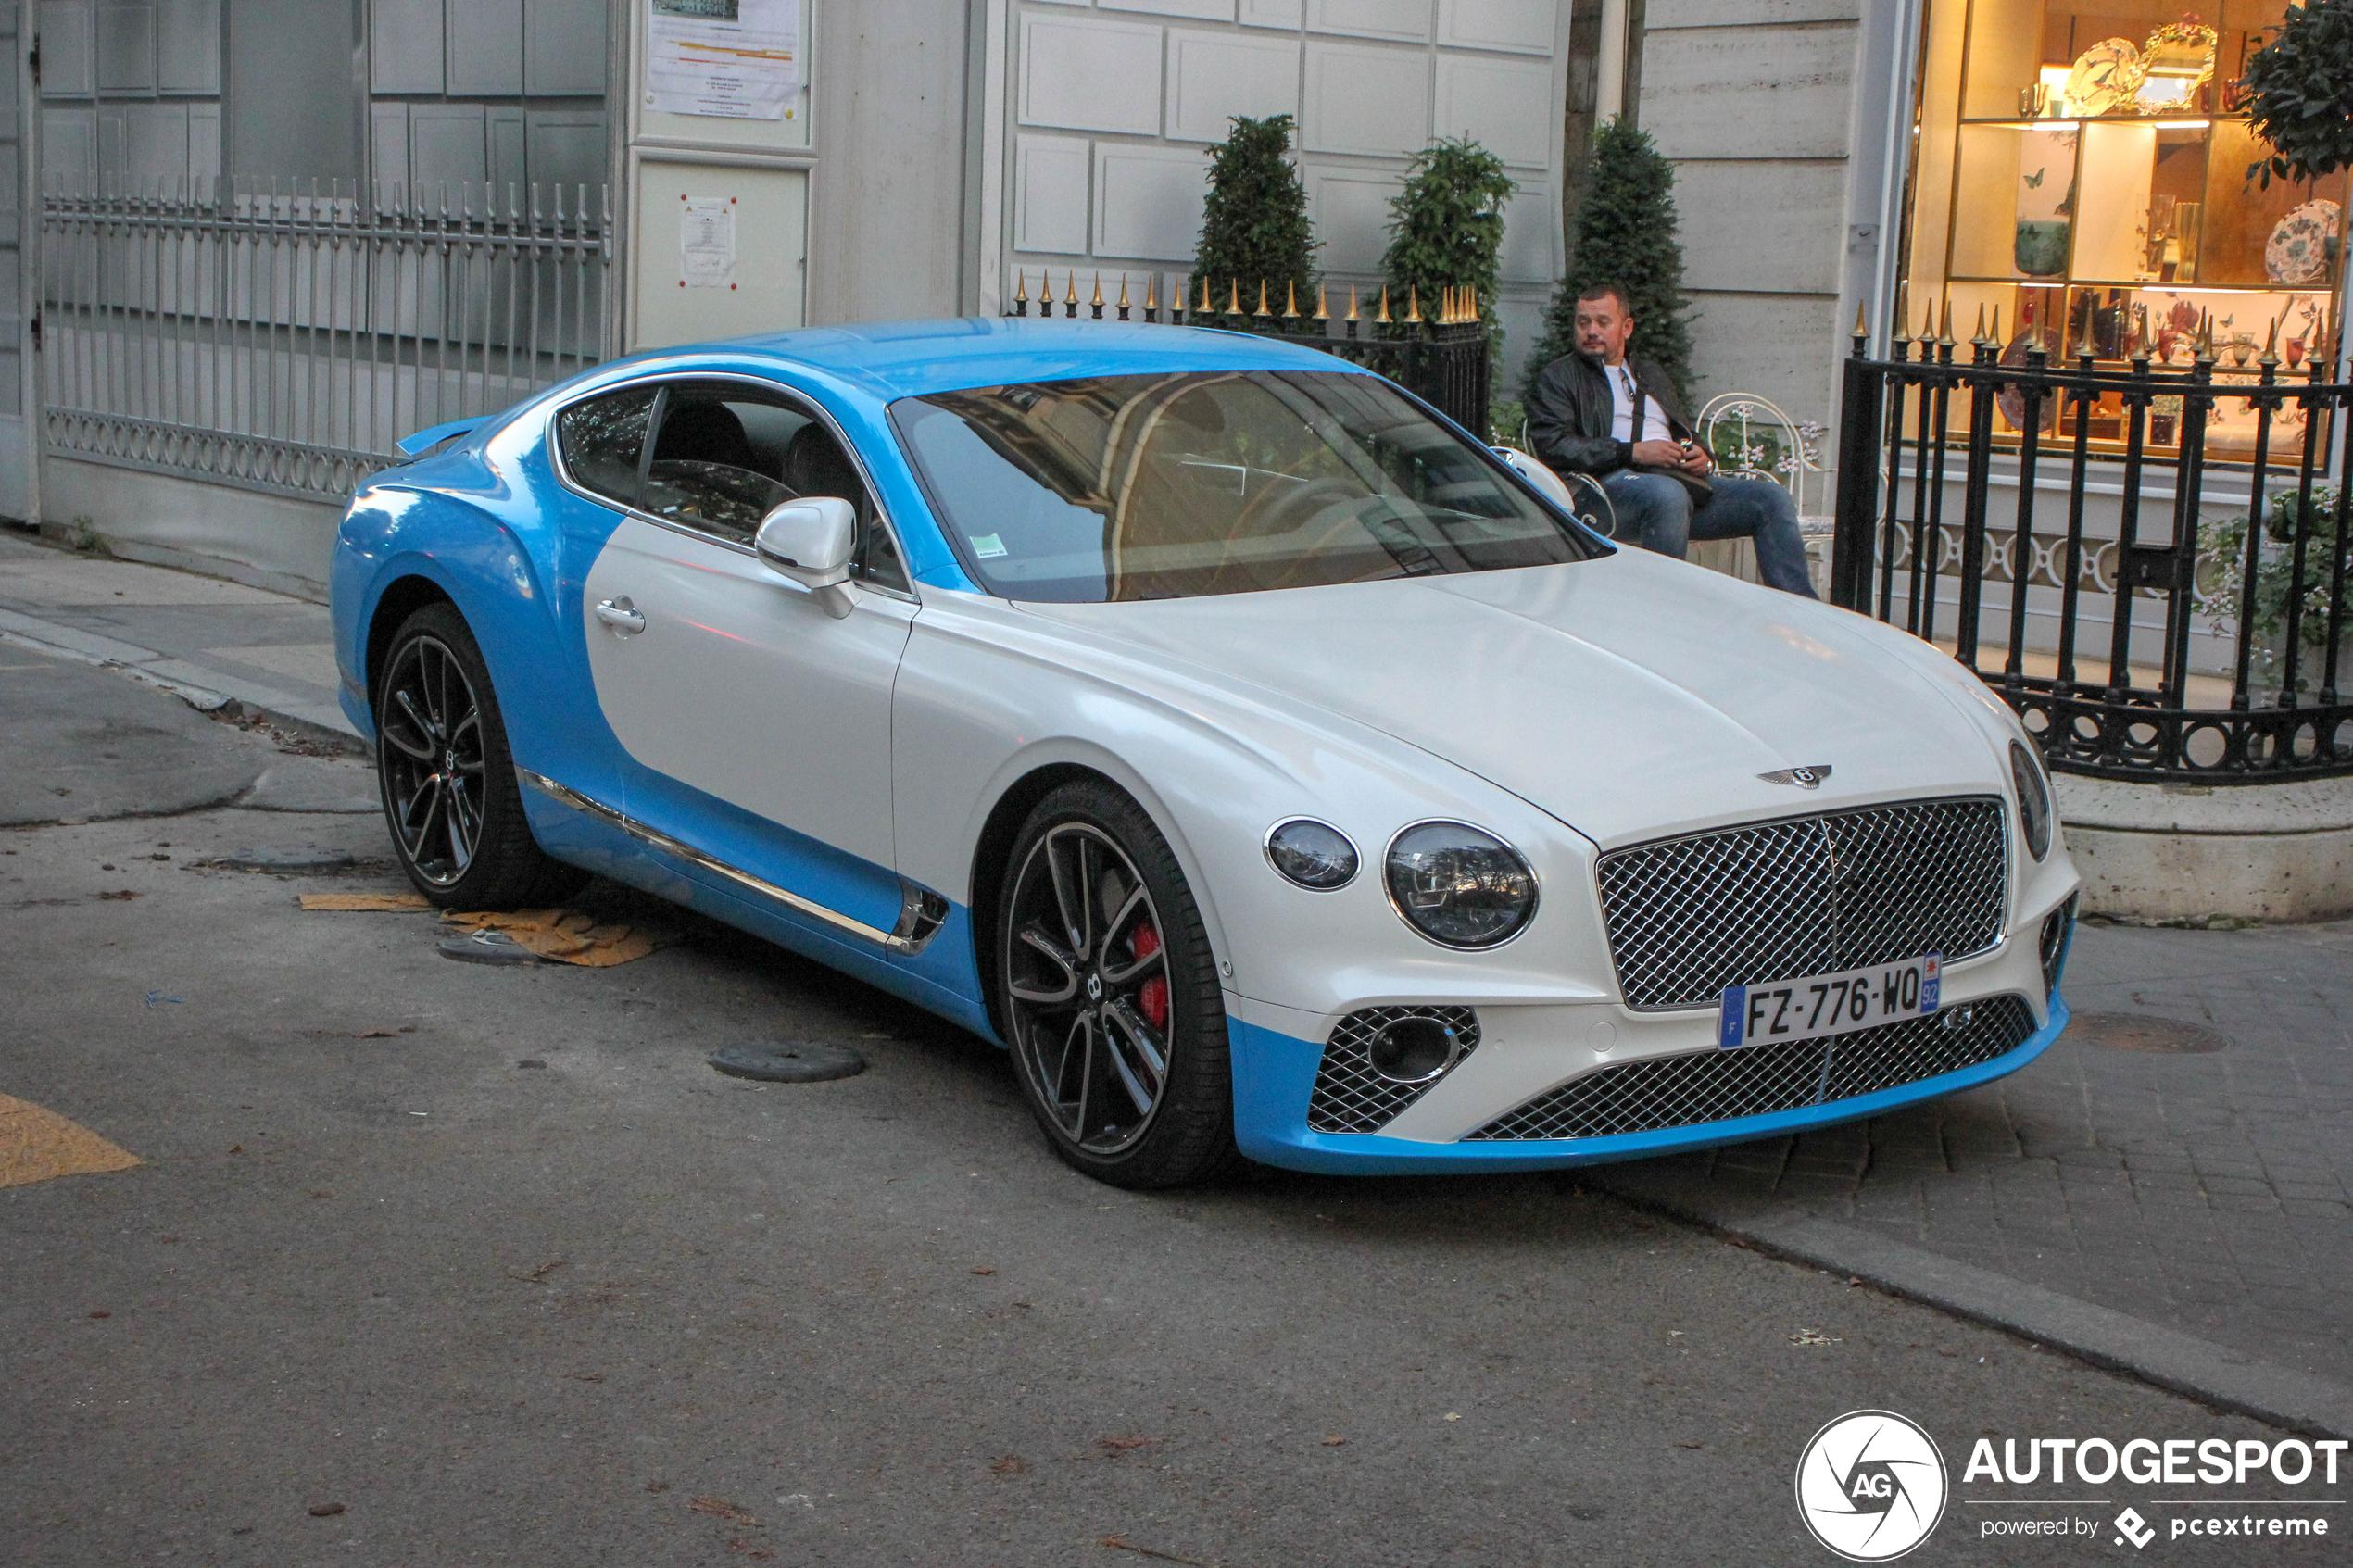 Bentley was liever een Chiron geweest